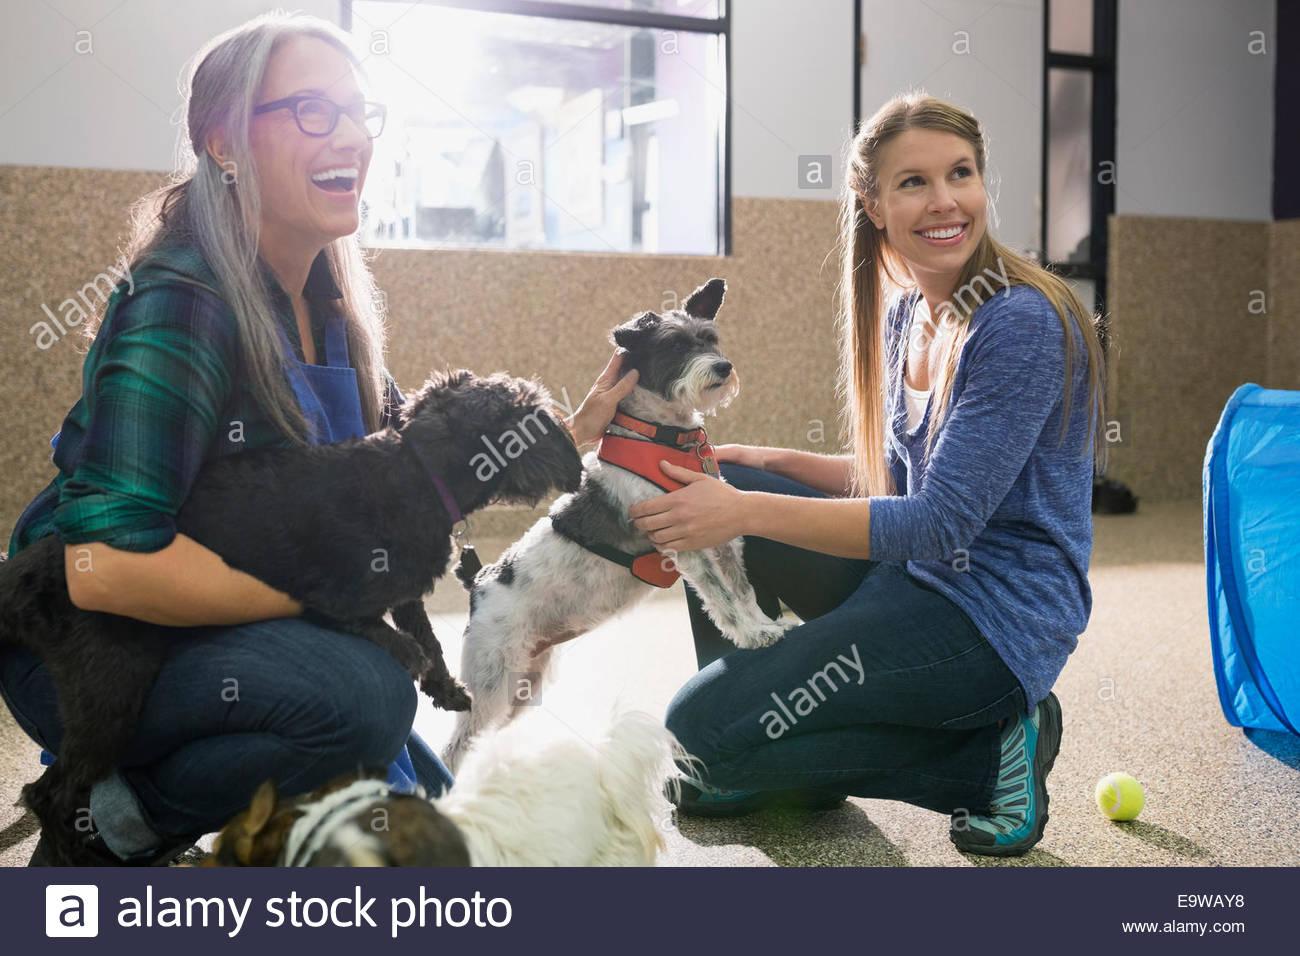 Cane proprietari diurni giocando con i cani Immagini Stock